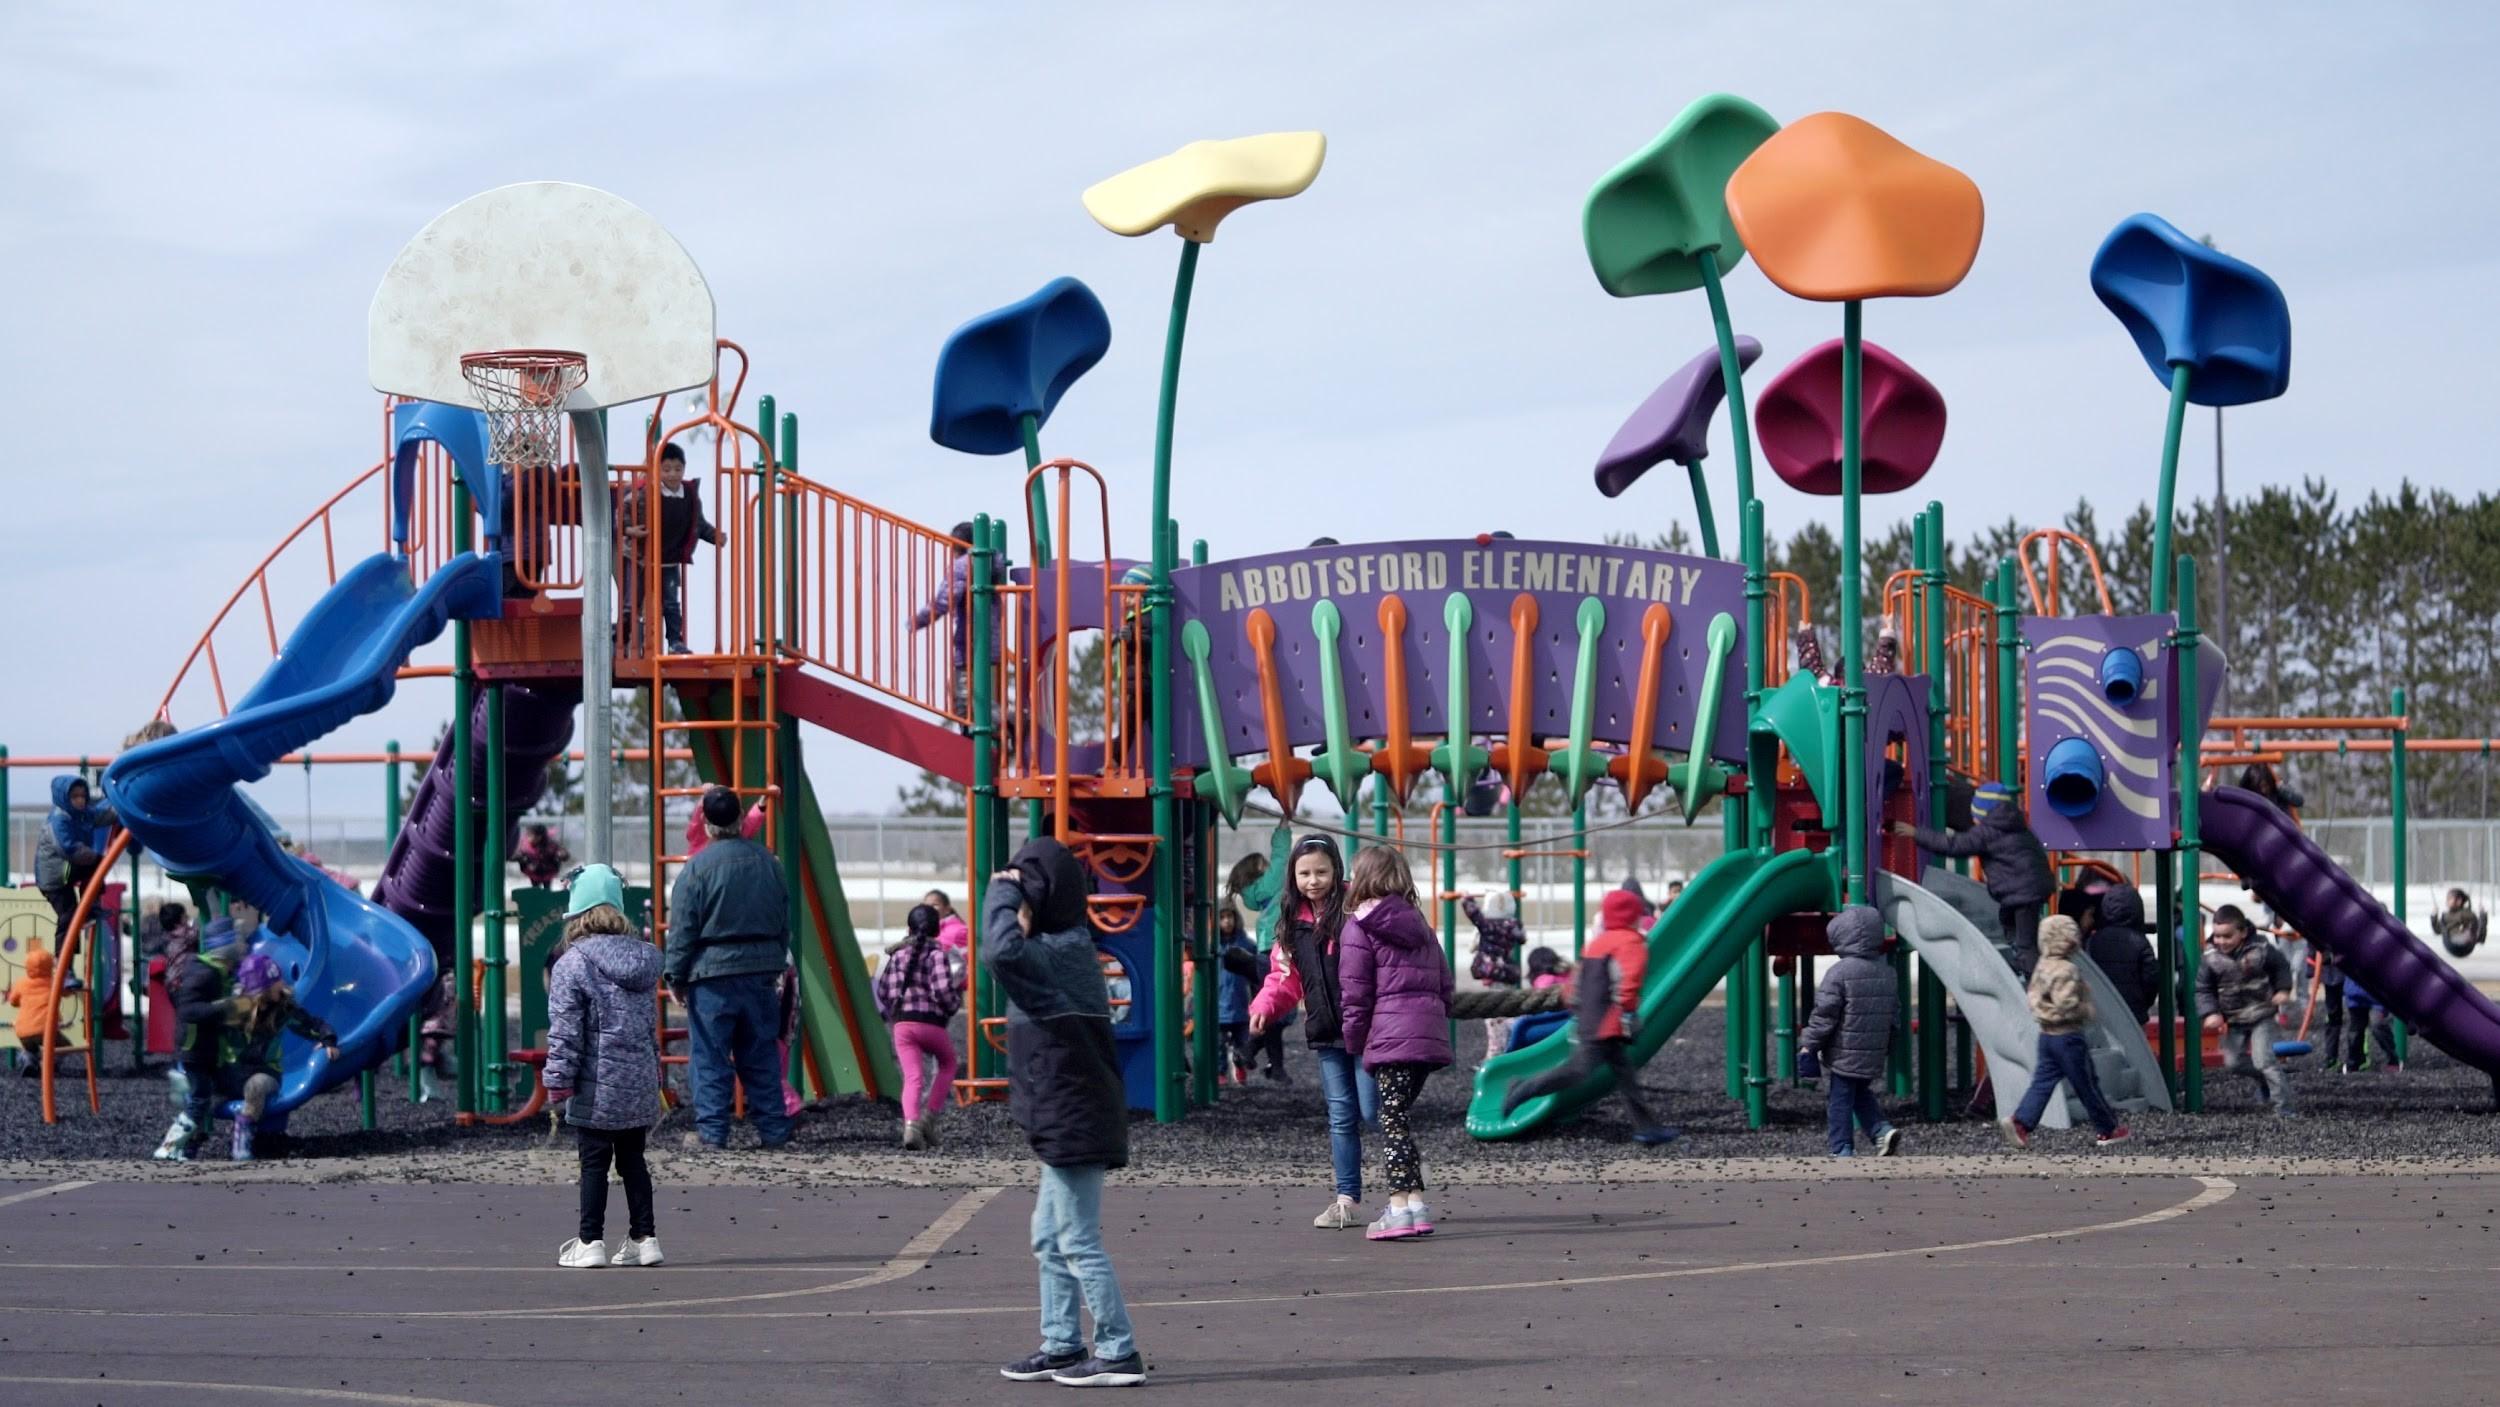 Children play on school playground